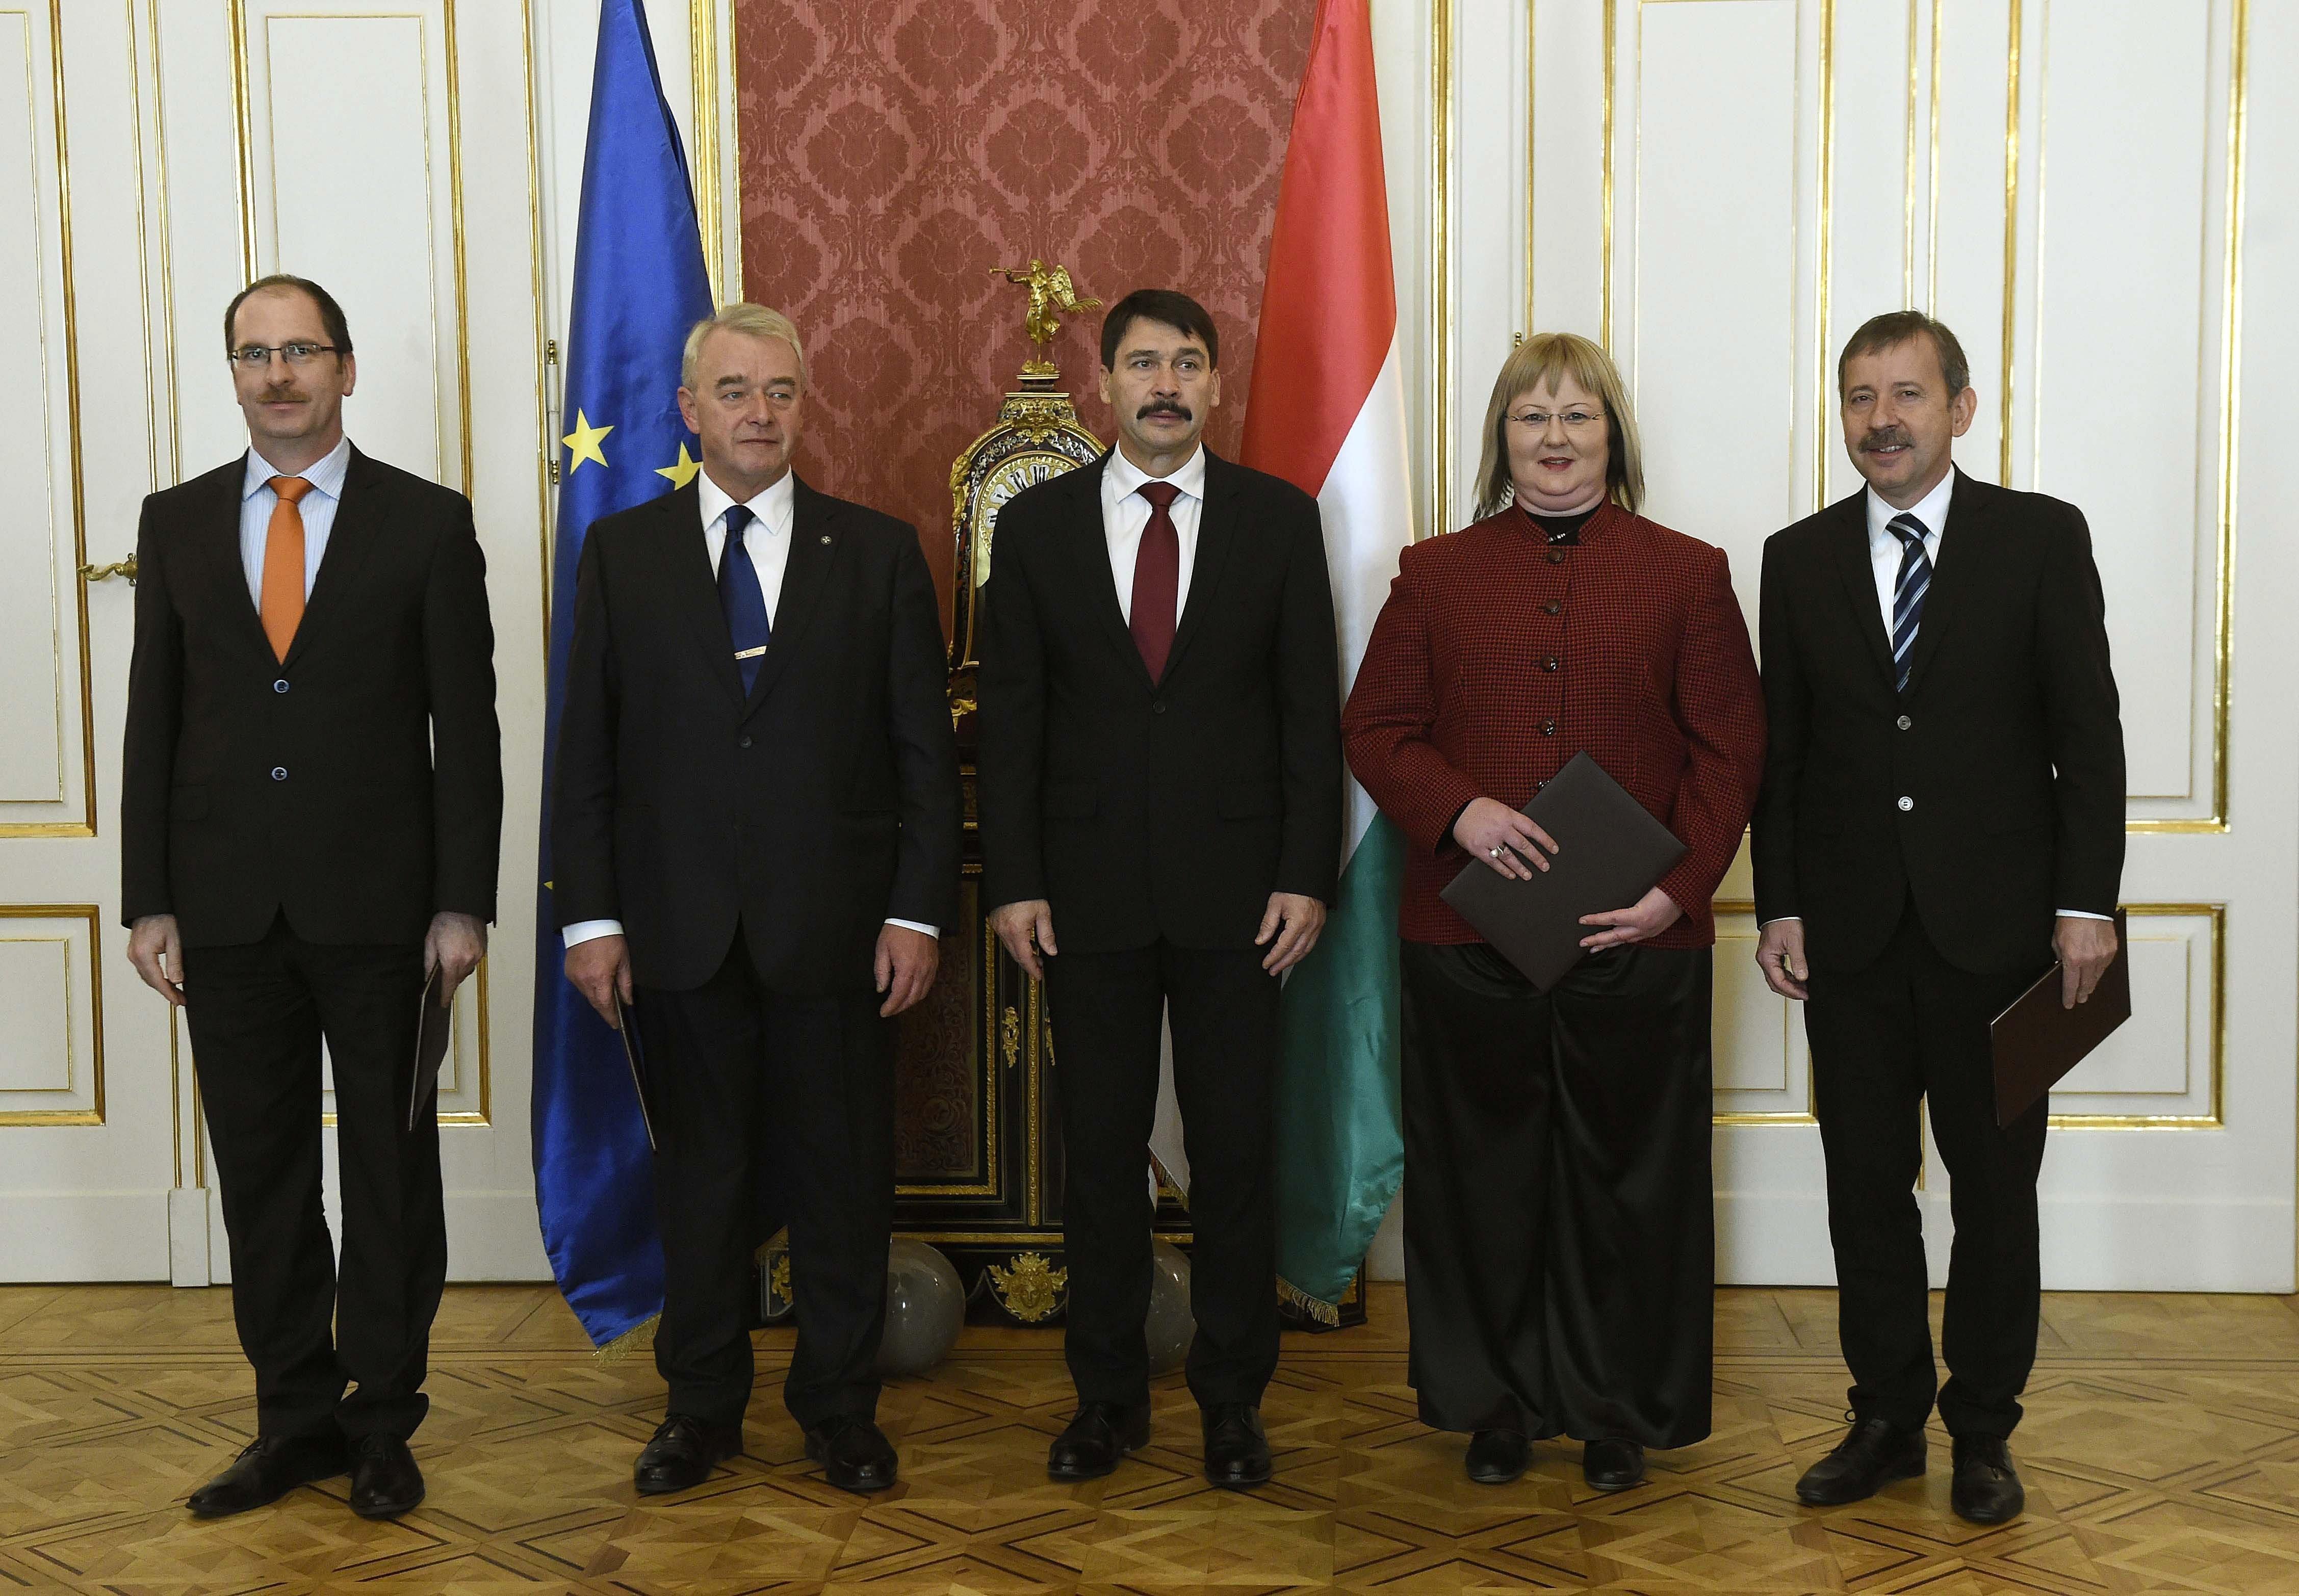 Debrecenben végzett az Egerbe kinevezett rektor